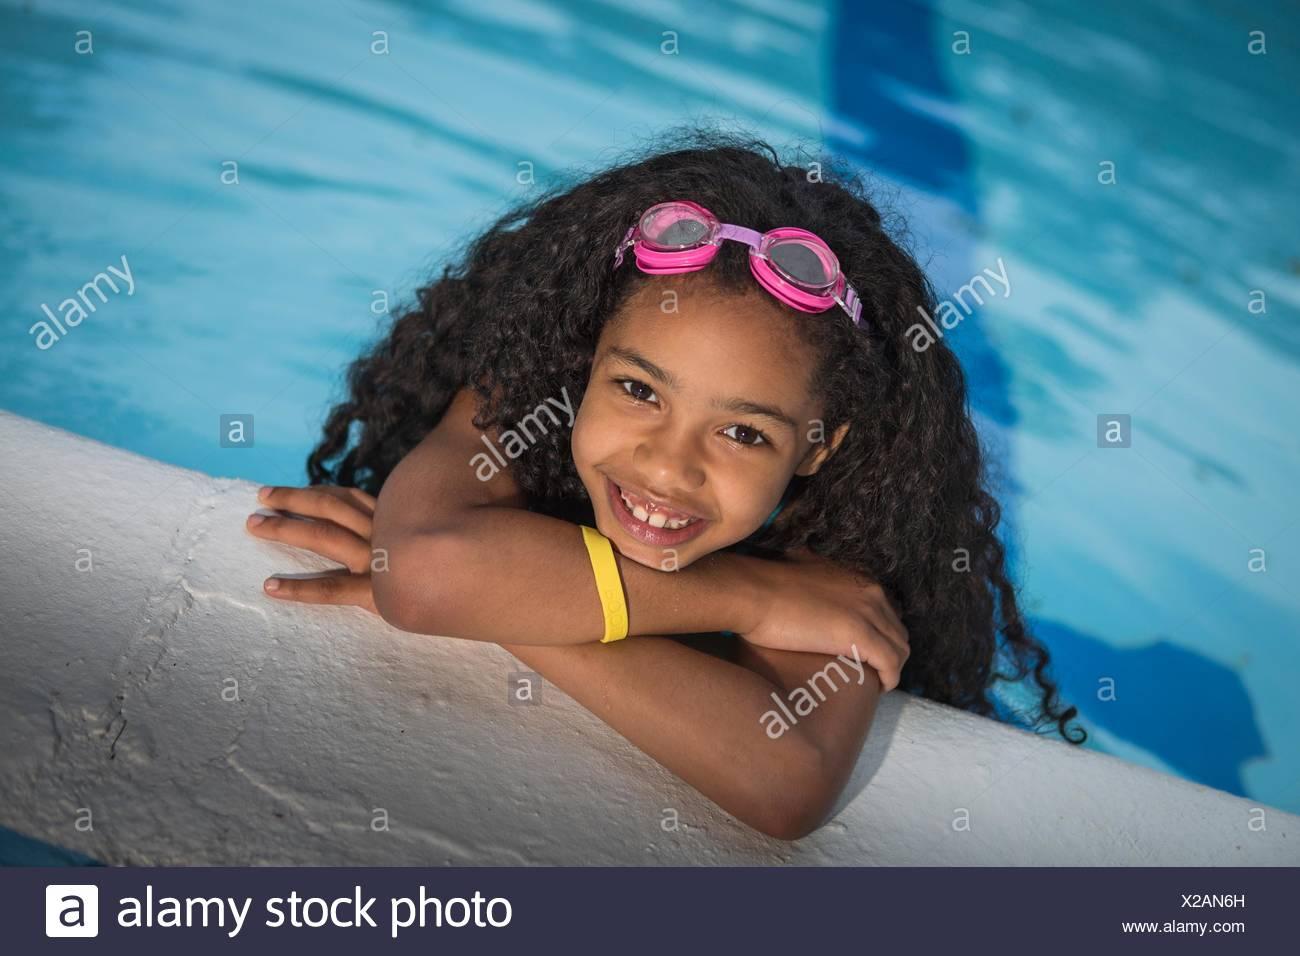 Porträt eines Mädchens mit lockiges schwarzes Haar hing am Rand des Schwimmbades Blick auf die Kamera zu Lächeln Stockbild